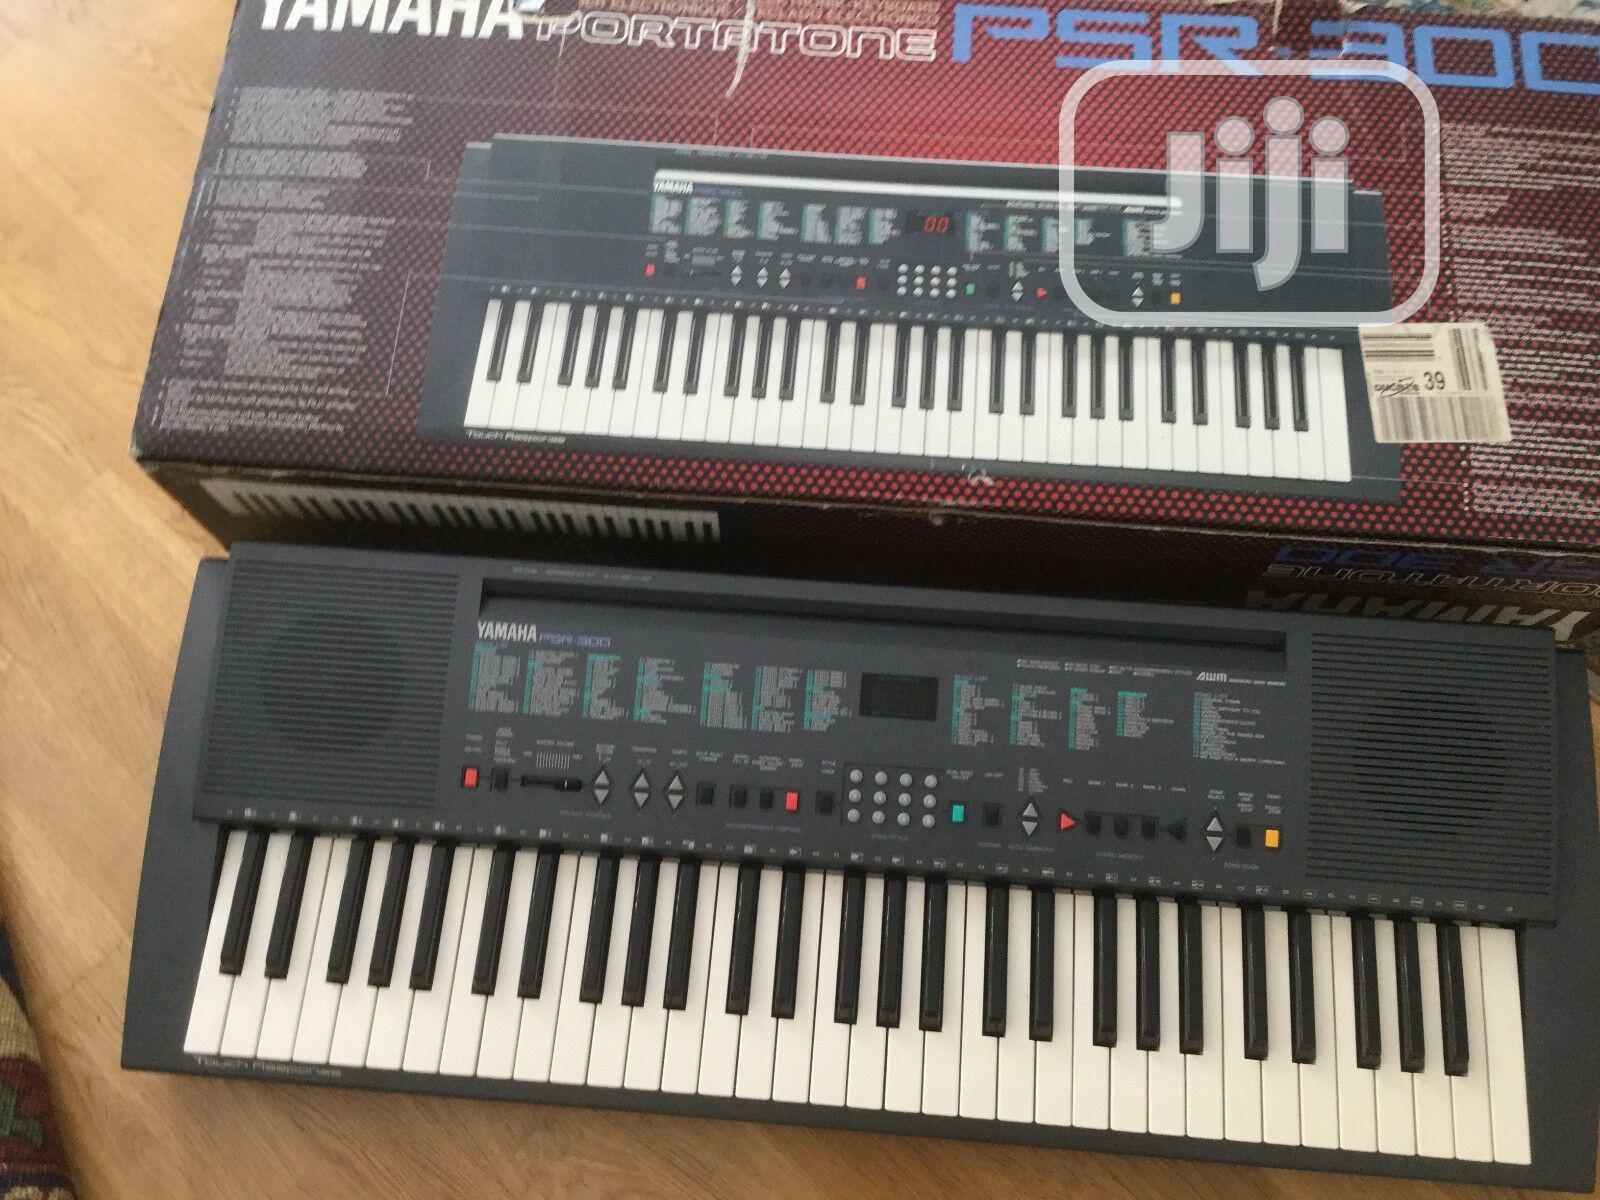 Yamaha Psr 300 Electronic Keyboard UK Used